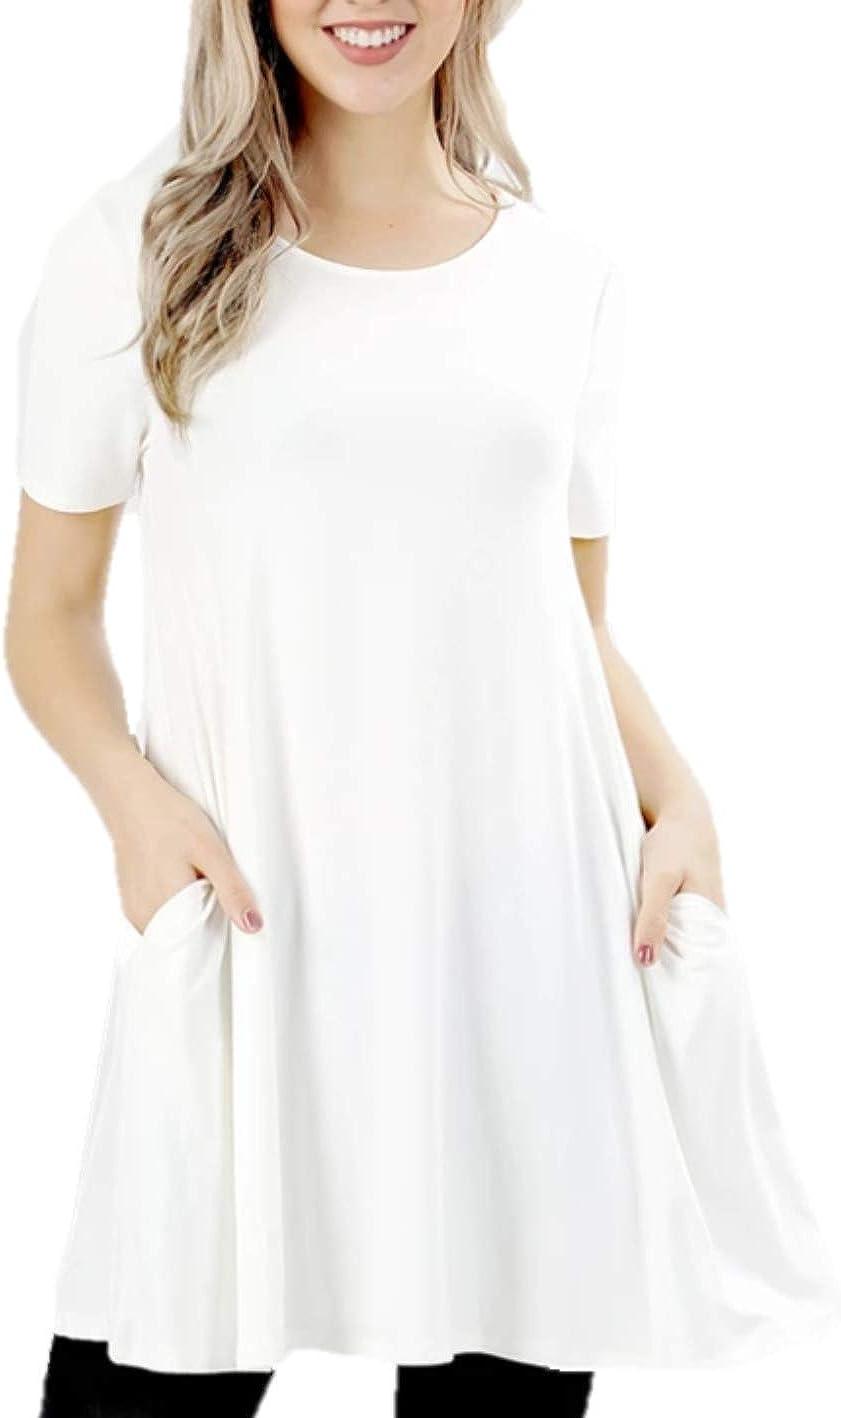 Zenana Women's Flare Tunic Tops Casual Short Sleeve T Shirt Loose Flowy Tunic